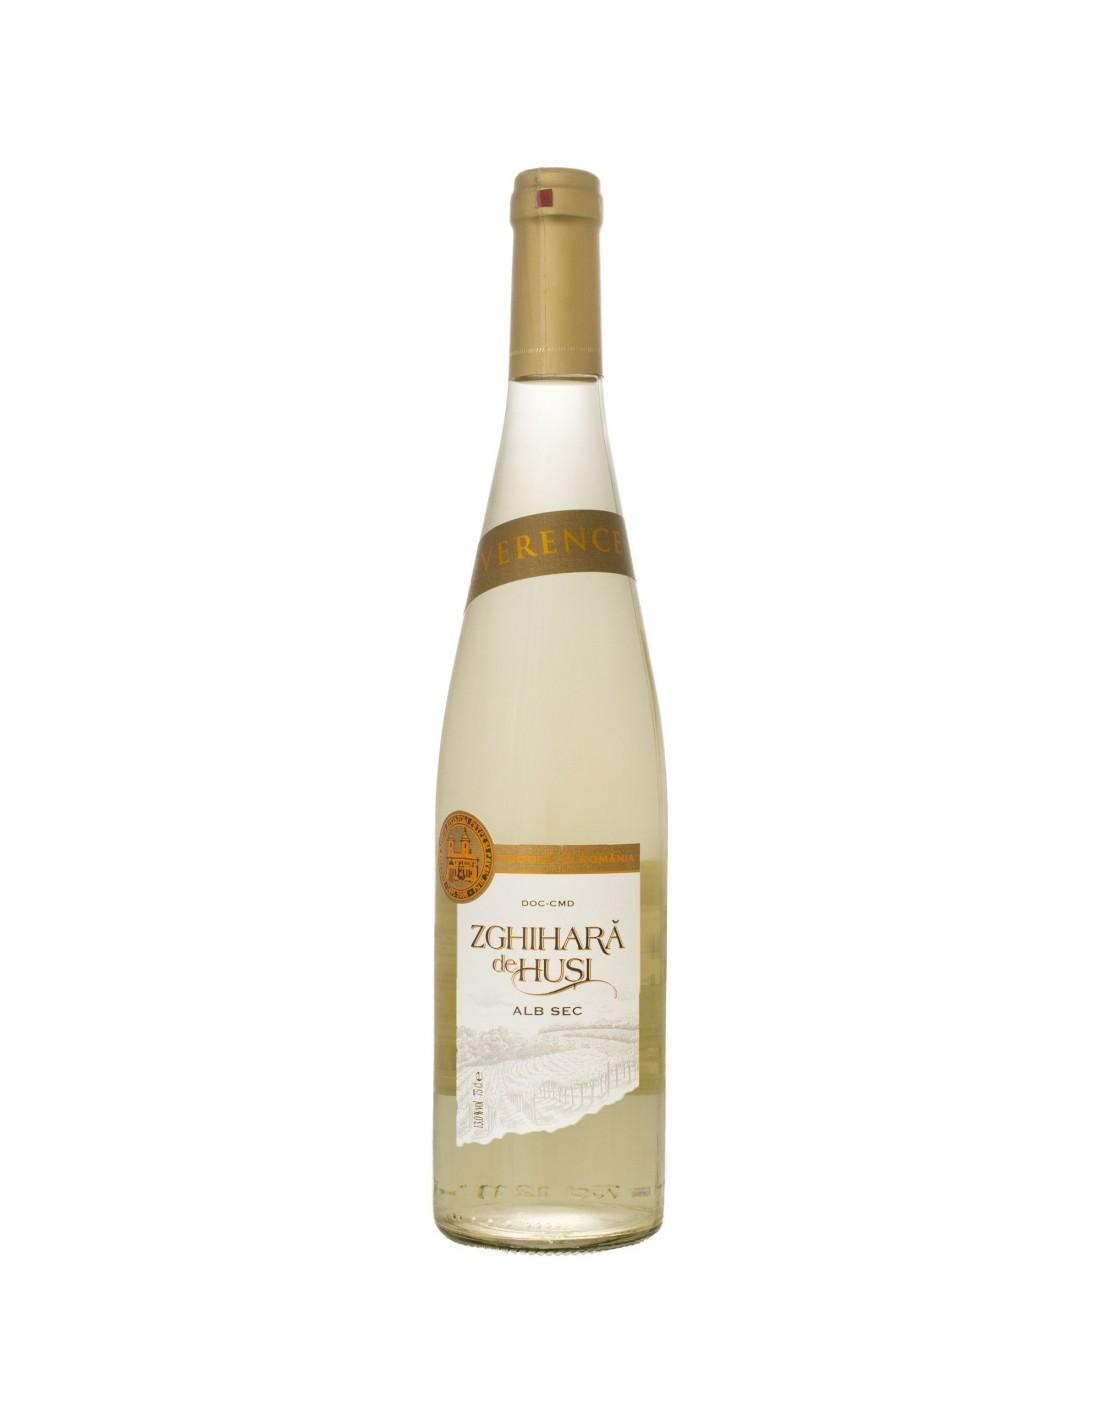 Vin alb sec, Zghihara De Husi, 13% alc., 0.75L, Romania